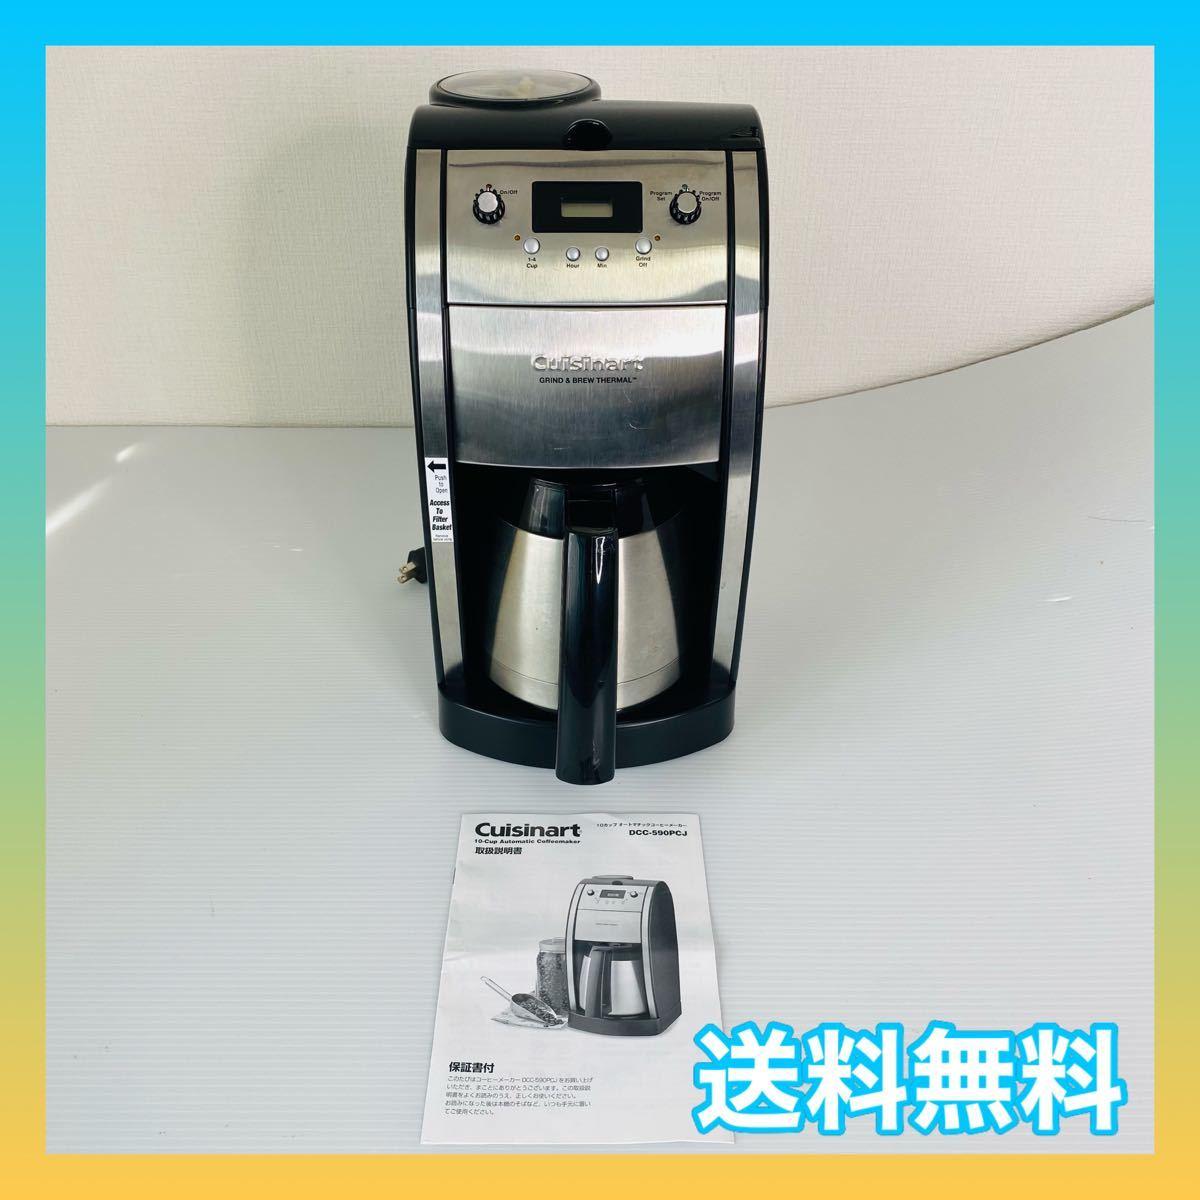 クイジナート DCC-590PCJ オートマチック コーヒーメーカー